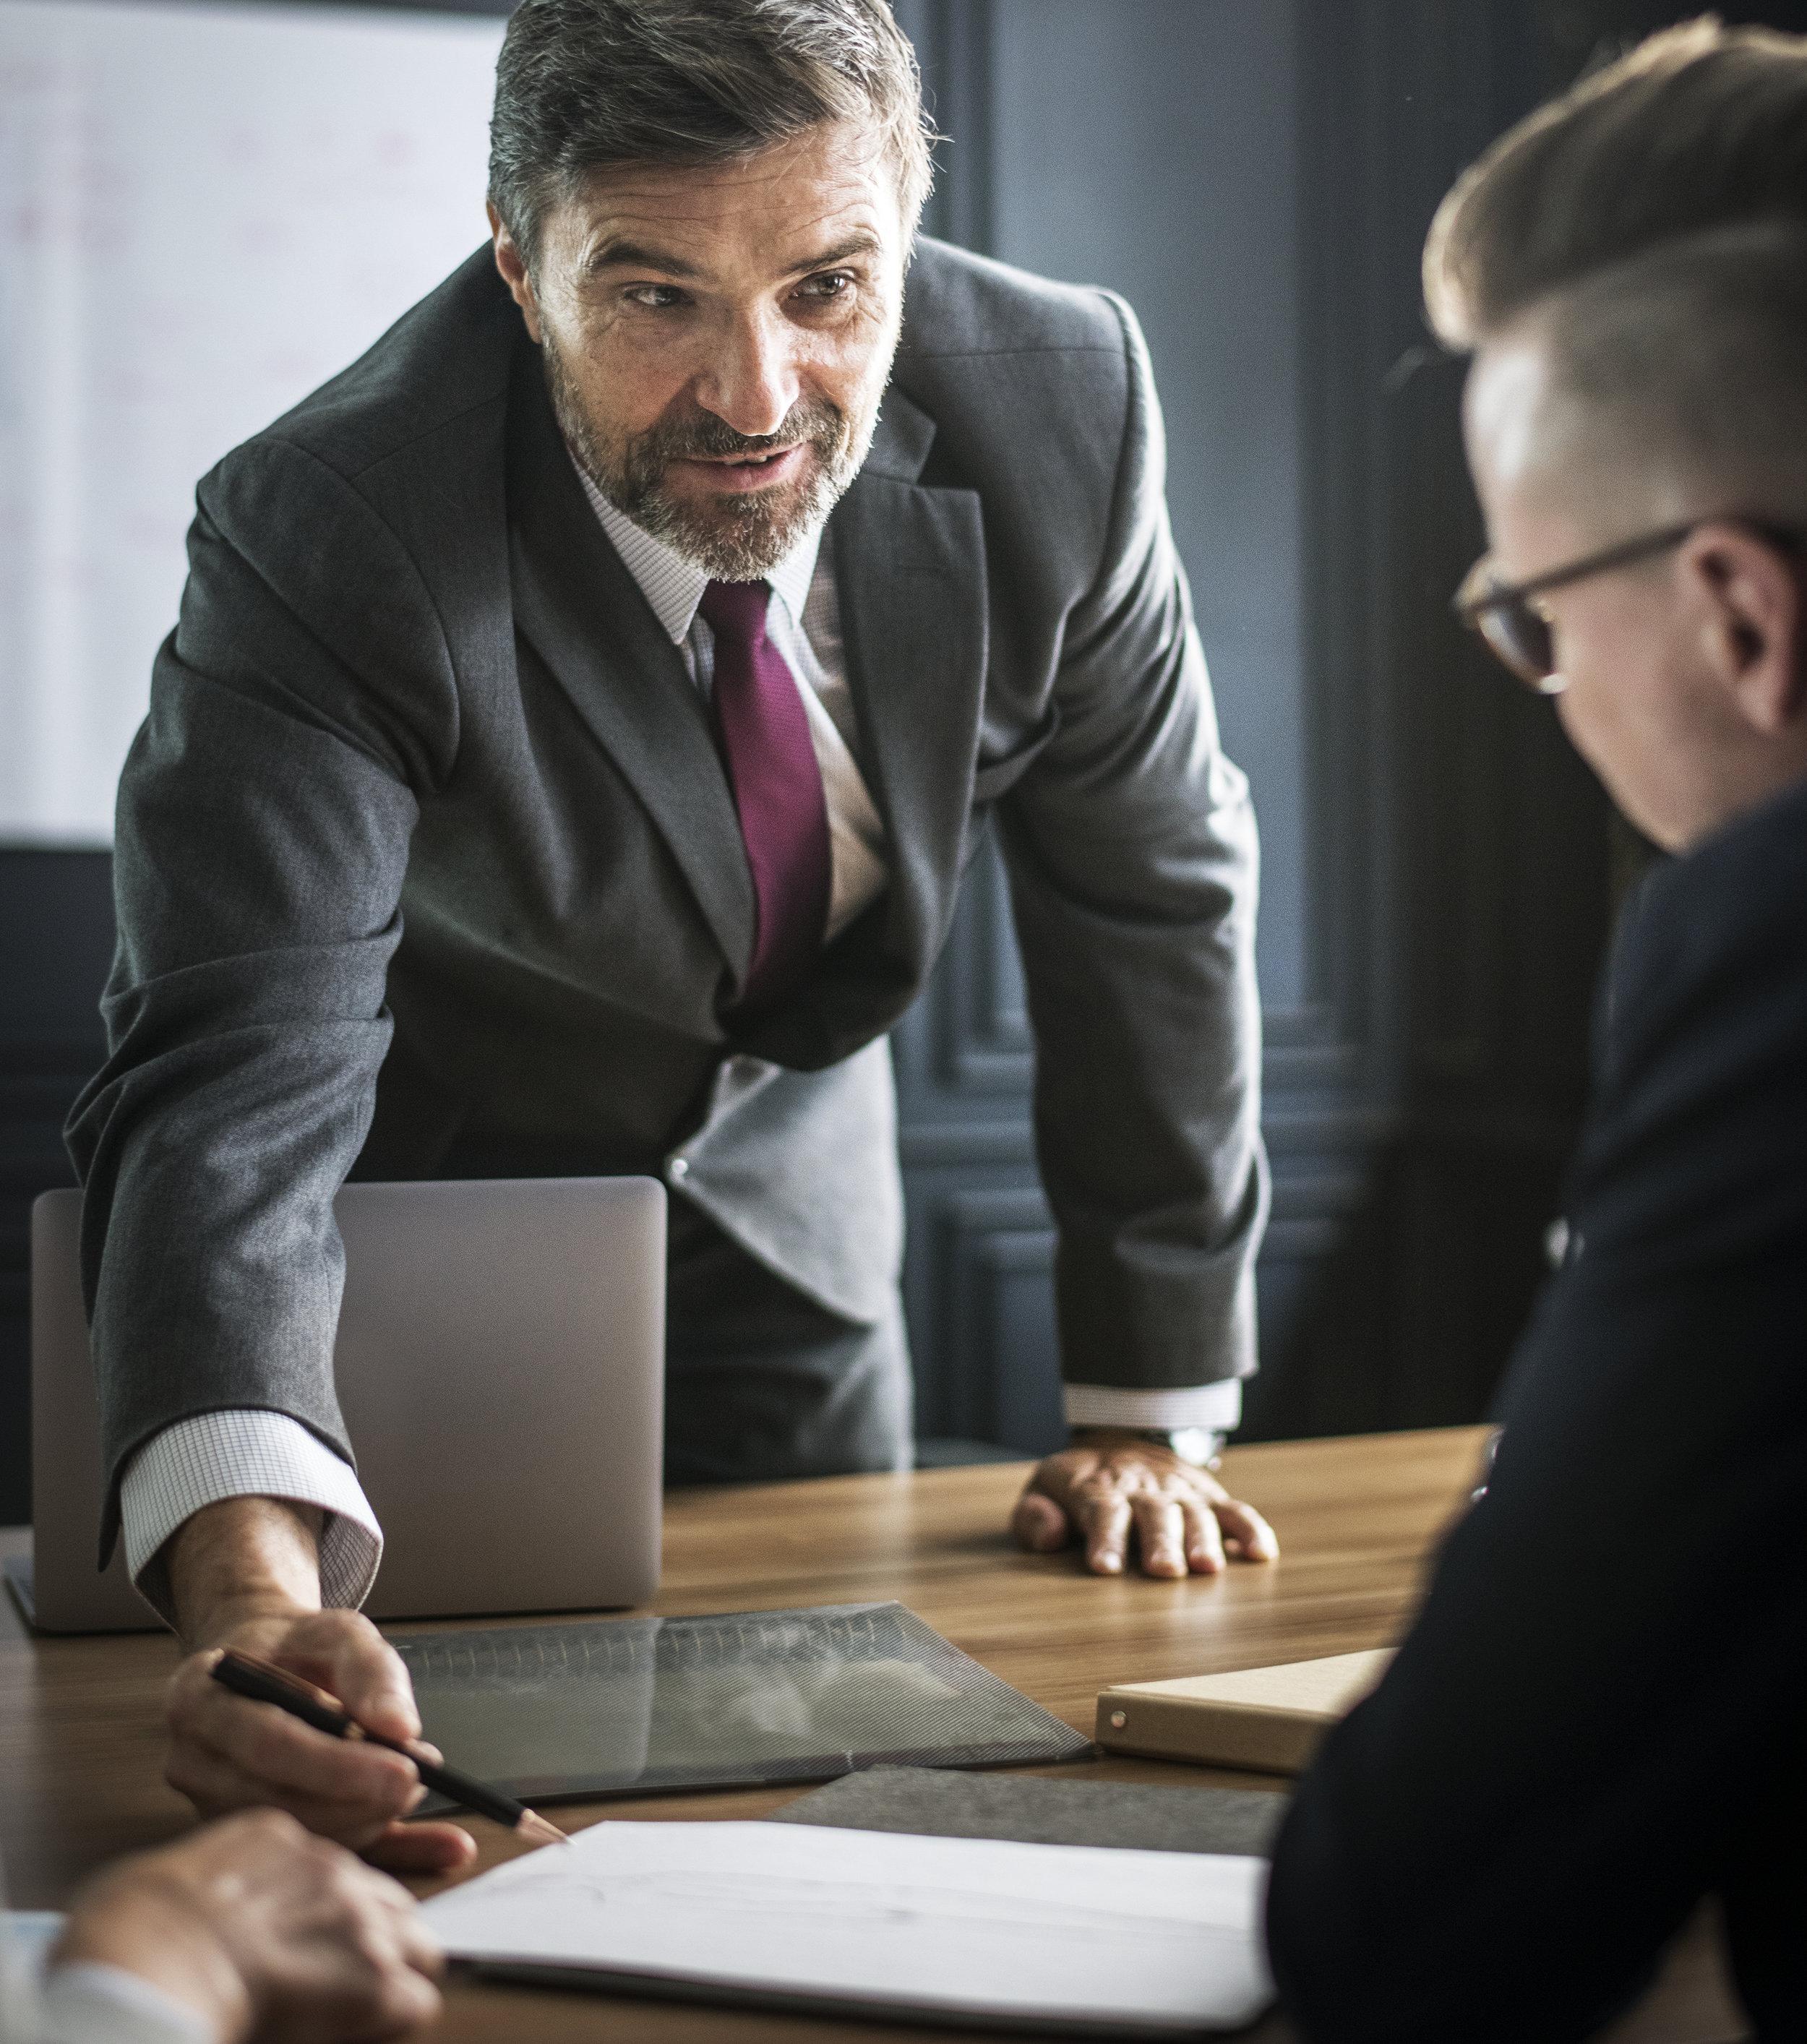 برامج رجال الأعمال - صثمنالثقعهمكلاثقصخلنمكىصثخلنمطىصثقخطلقصثخلاصثضقهلتنمكلاضصهتنللاضصثلتنملاضصثلتنملا